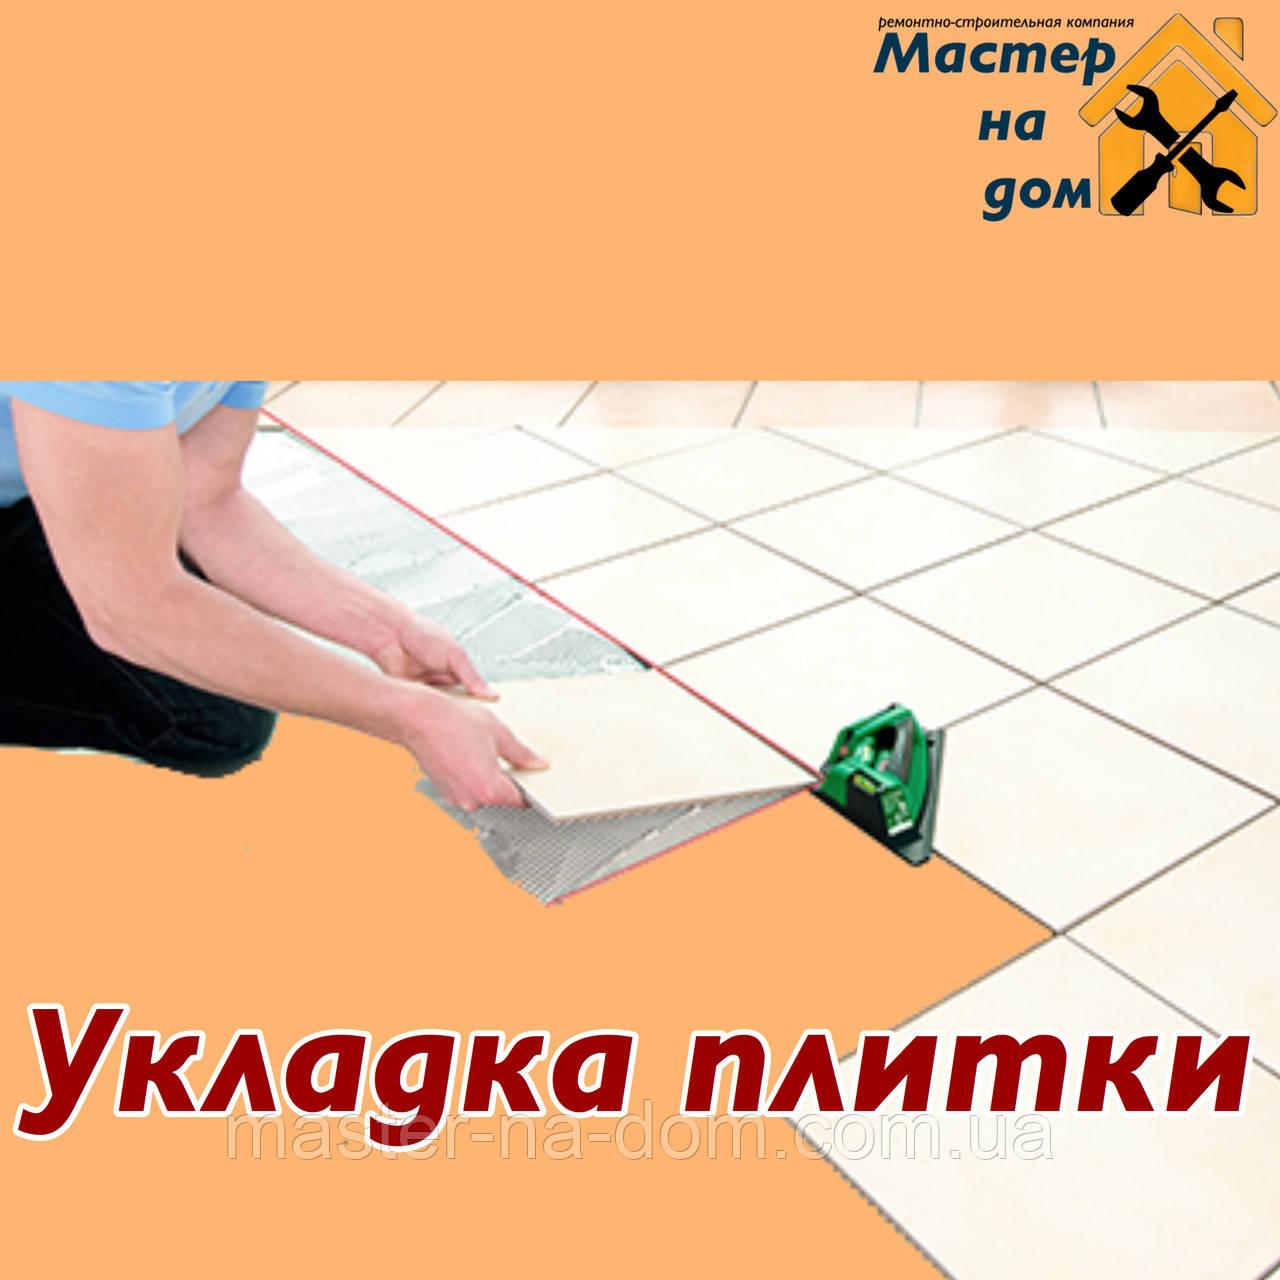 Укладка кафеля, плитки в Николаеве